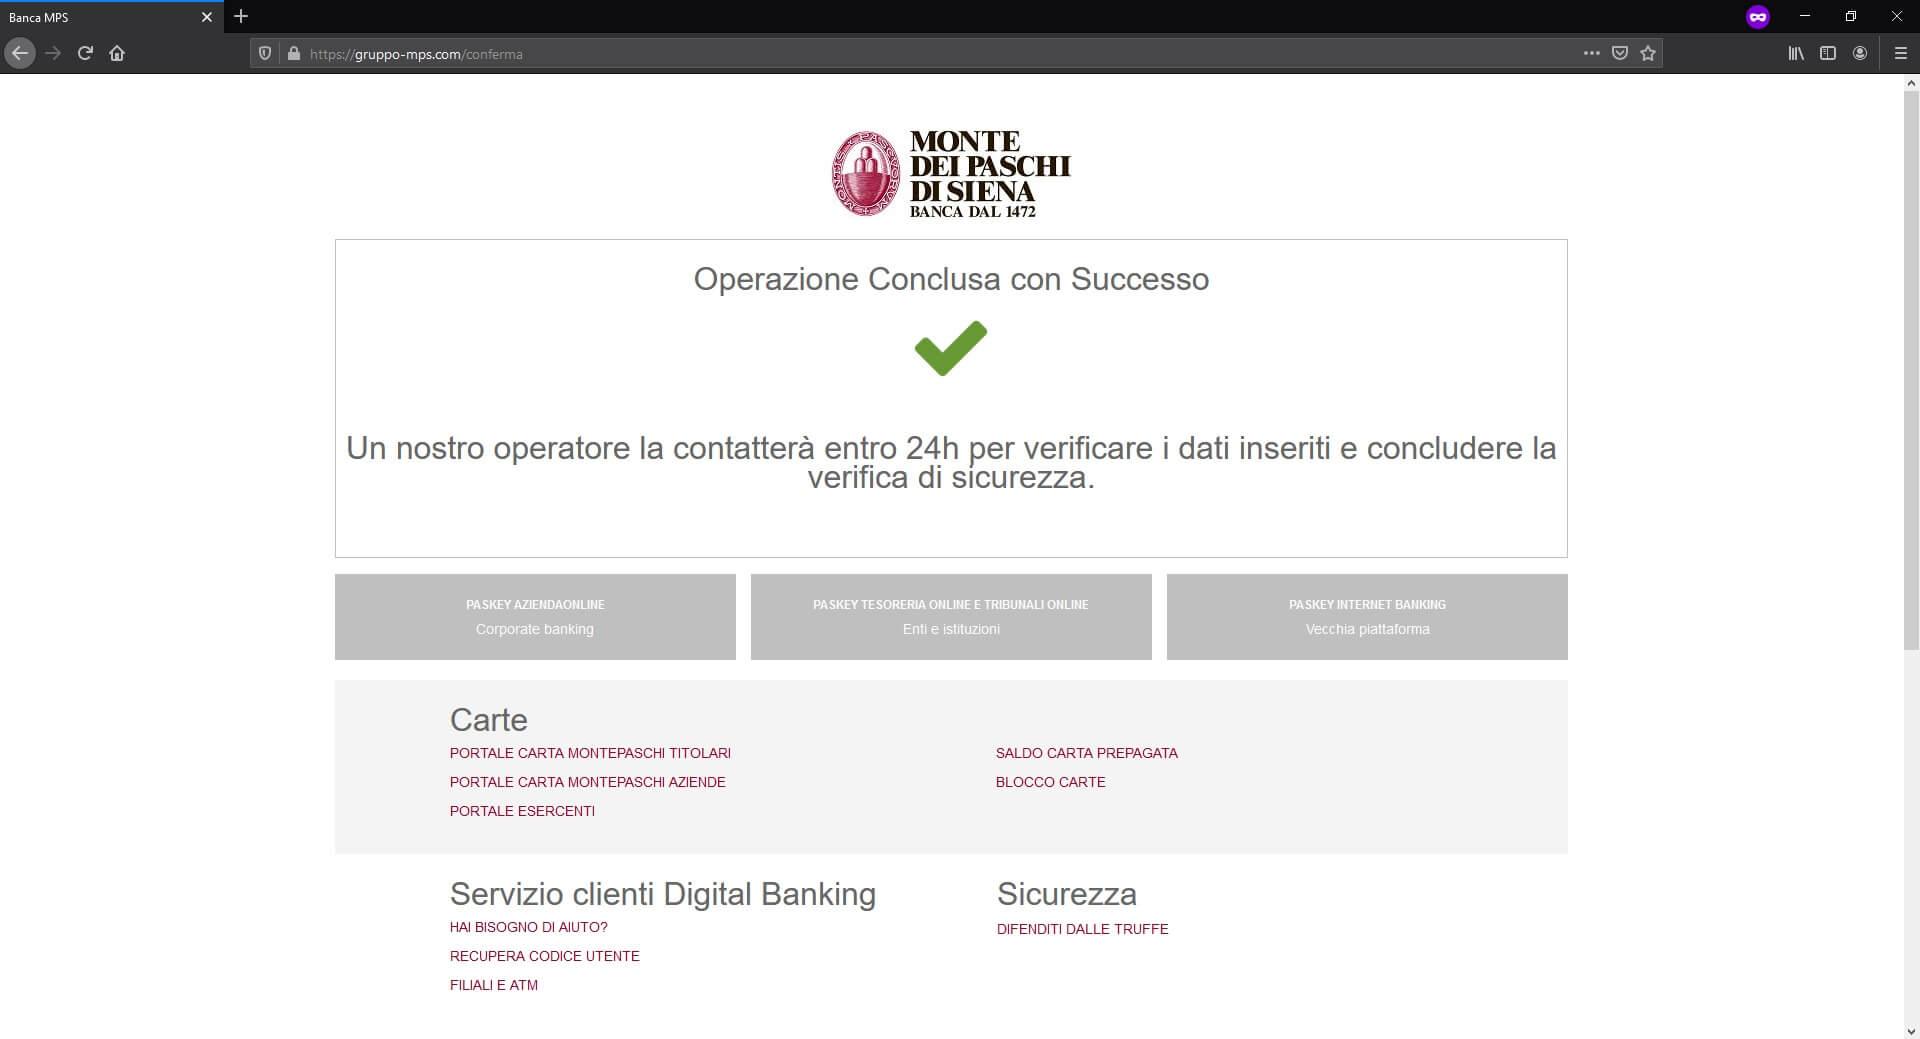 Banca MPS falso sito operazione conclusa